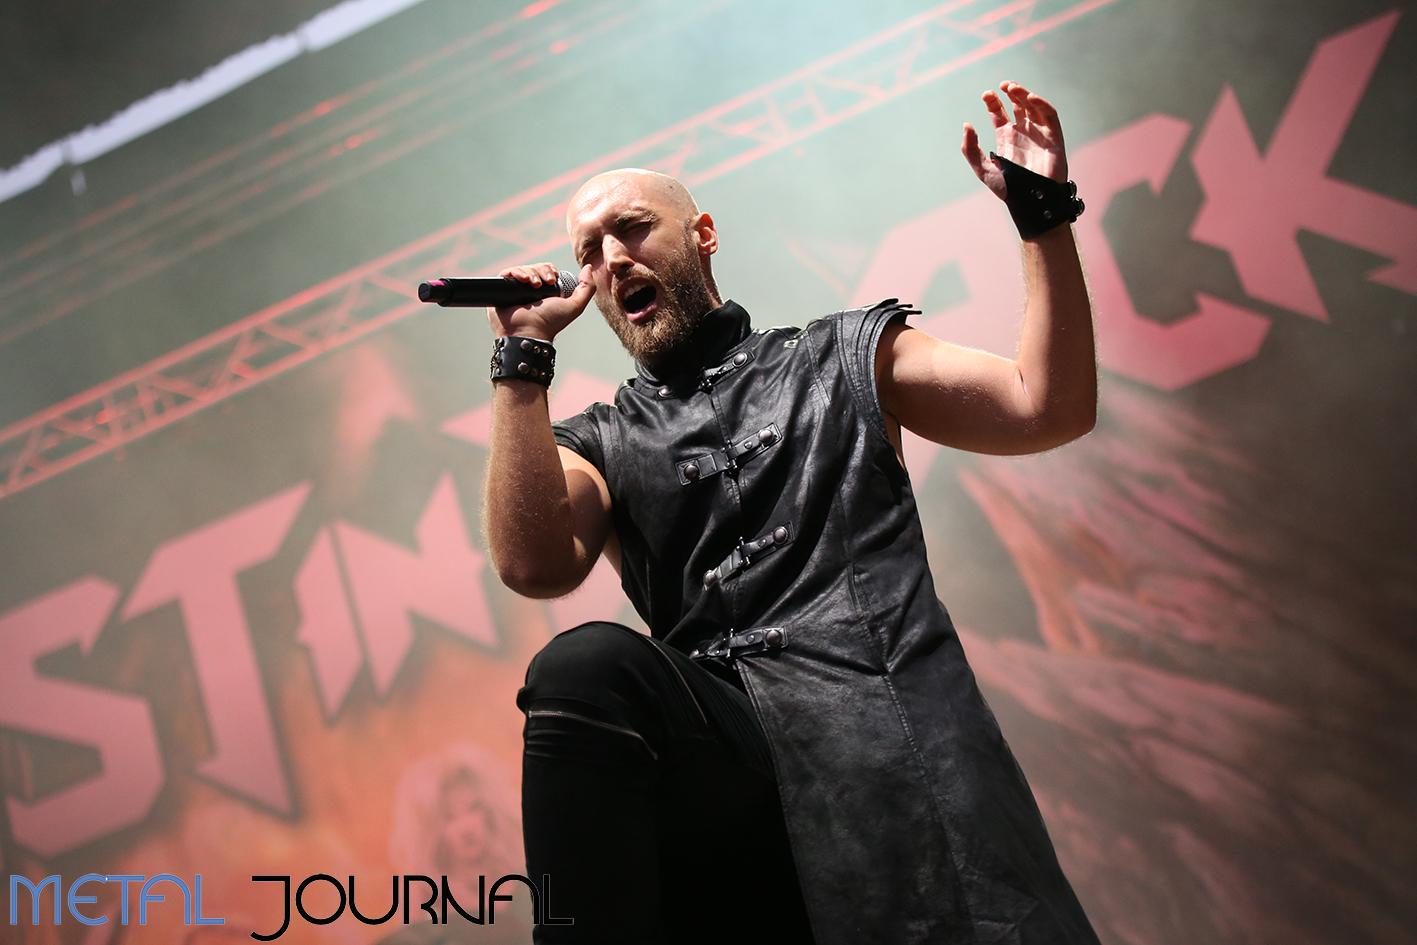 beast in black - leyendas del rock 2019 metal journal pic 1